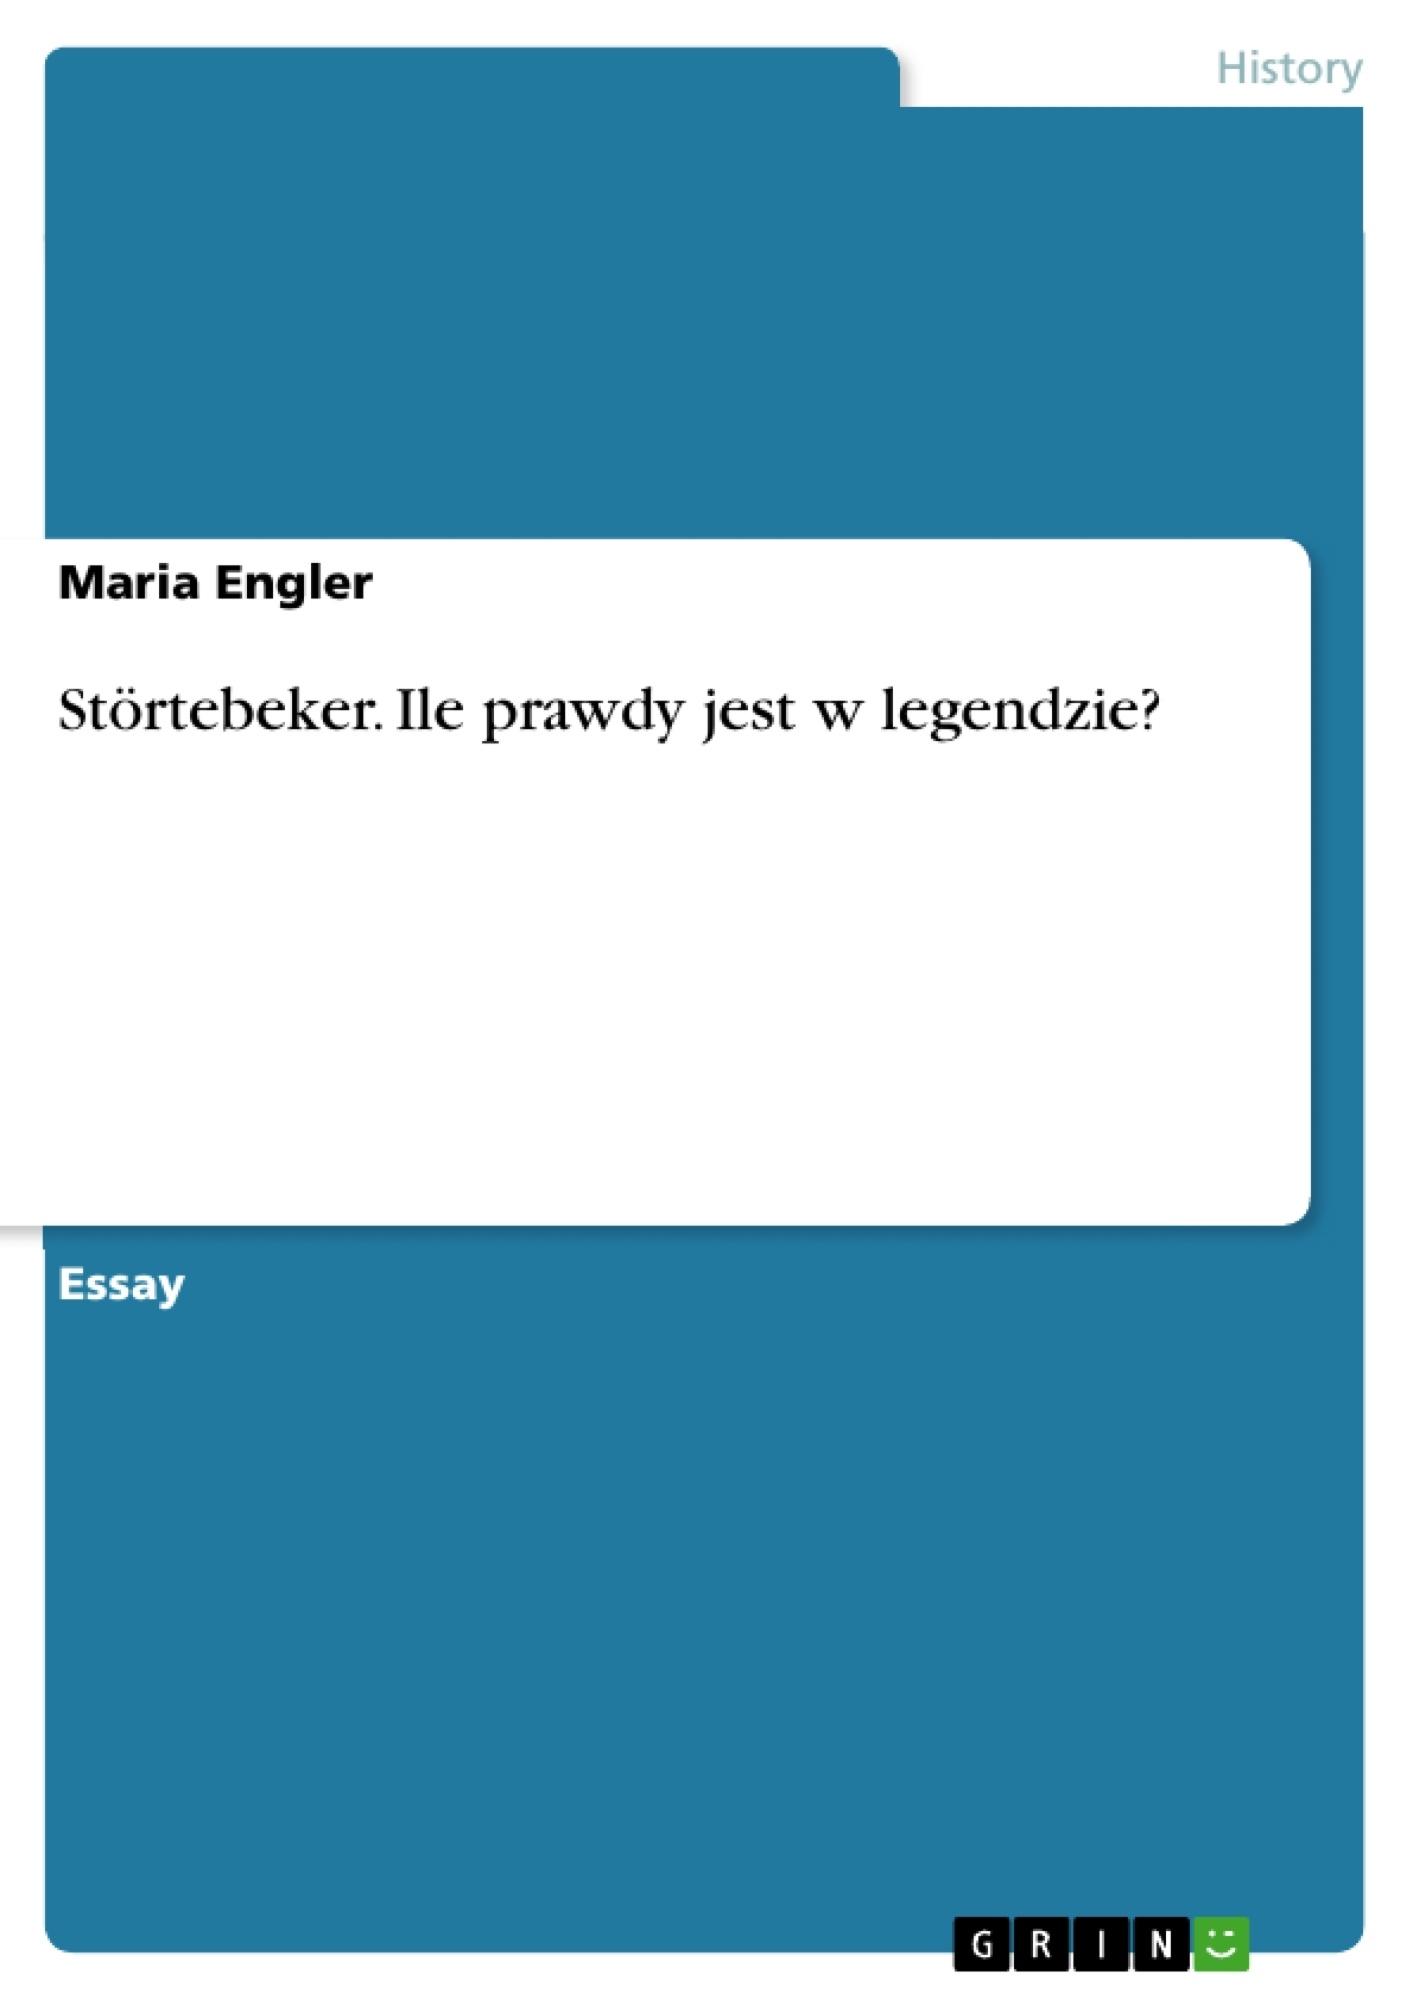 Title: Störtebeker. Ile prawdy jest w legendzie?